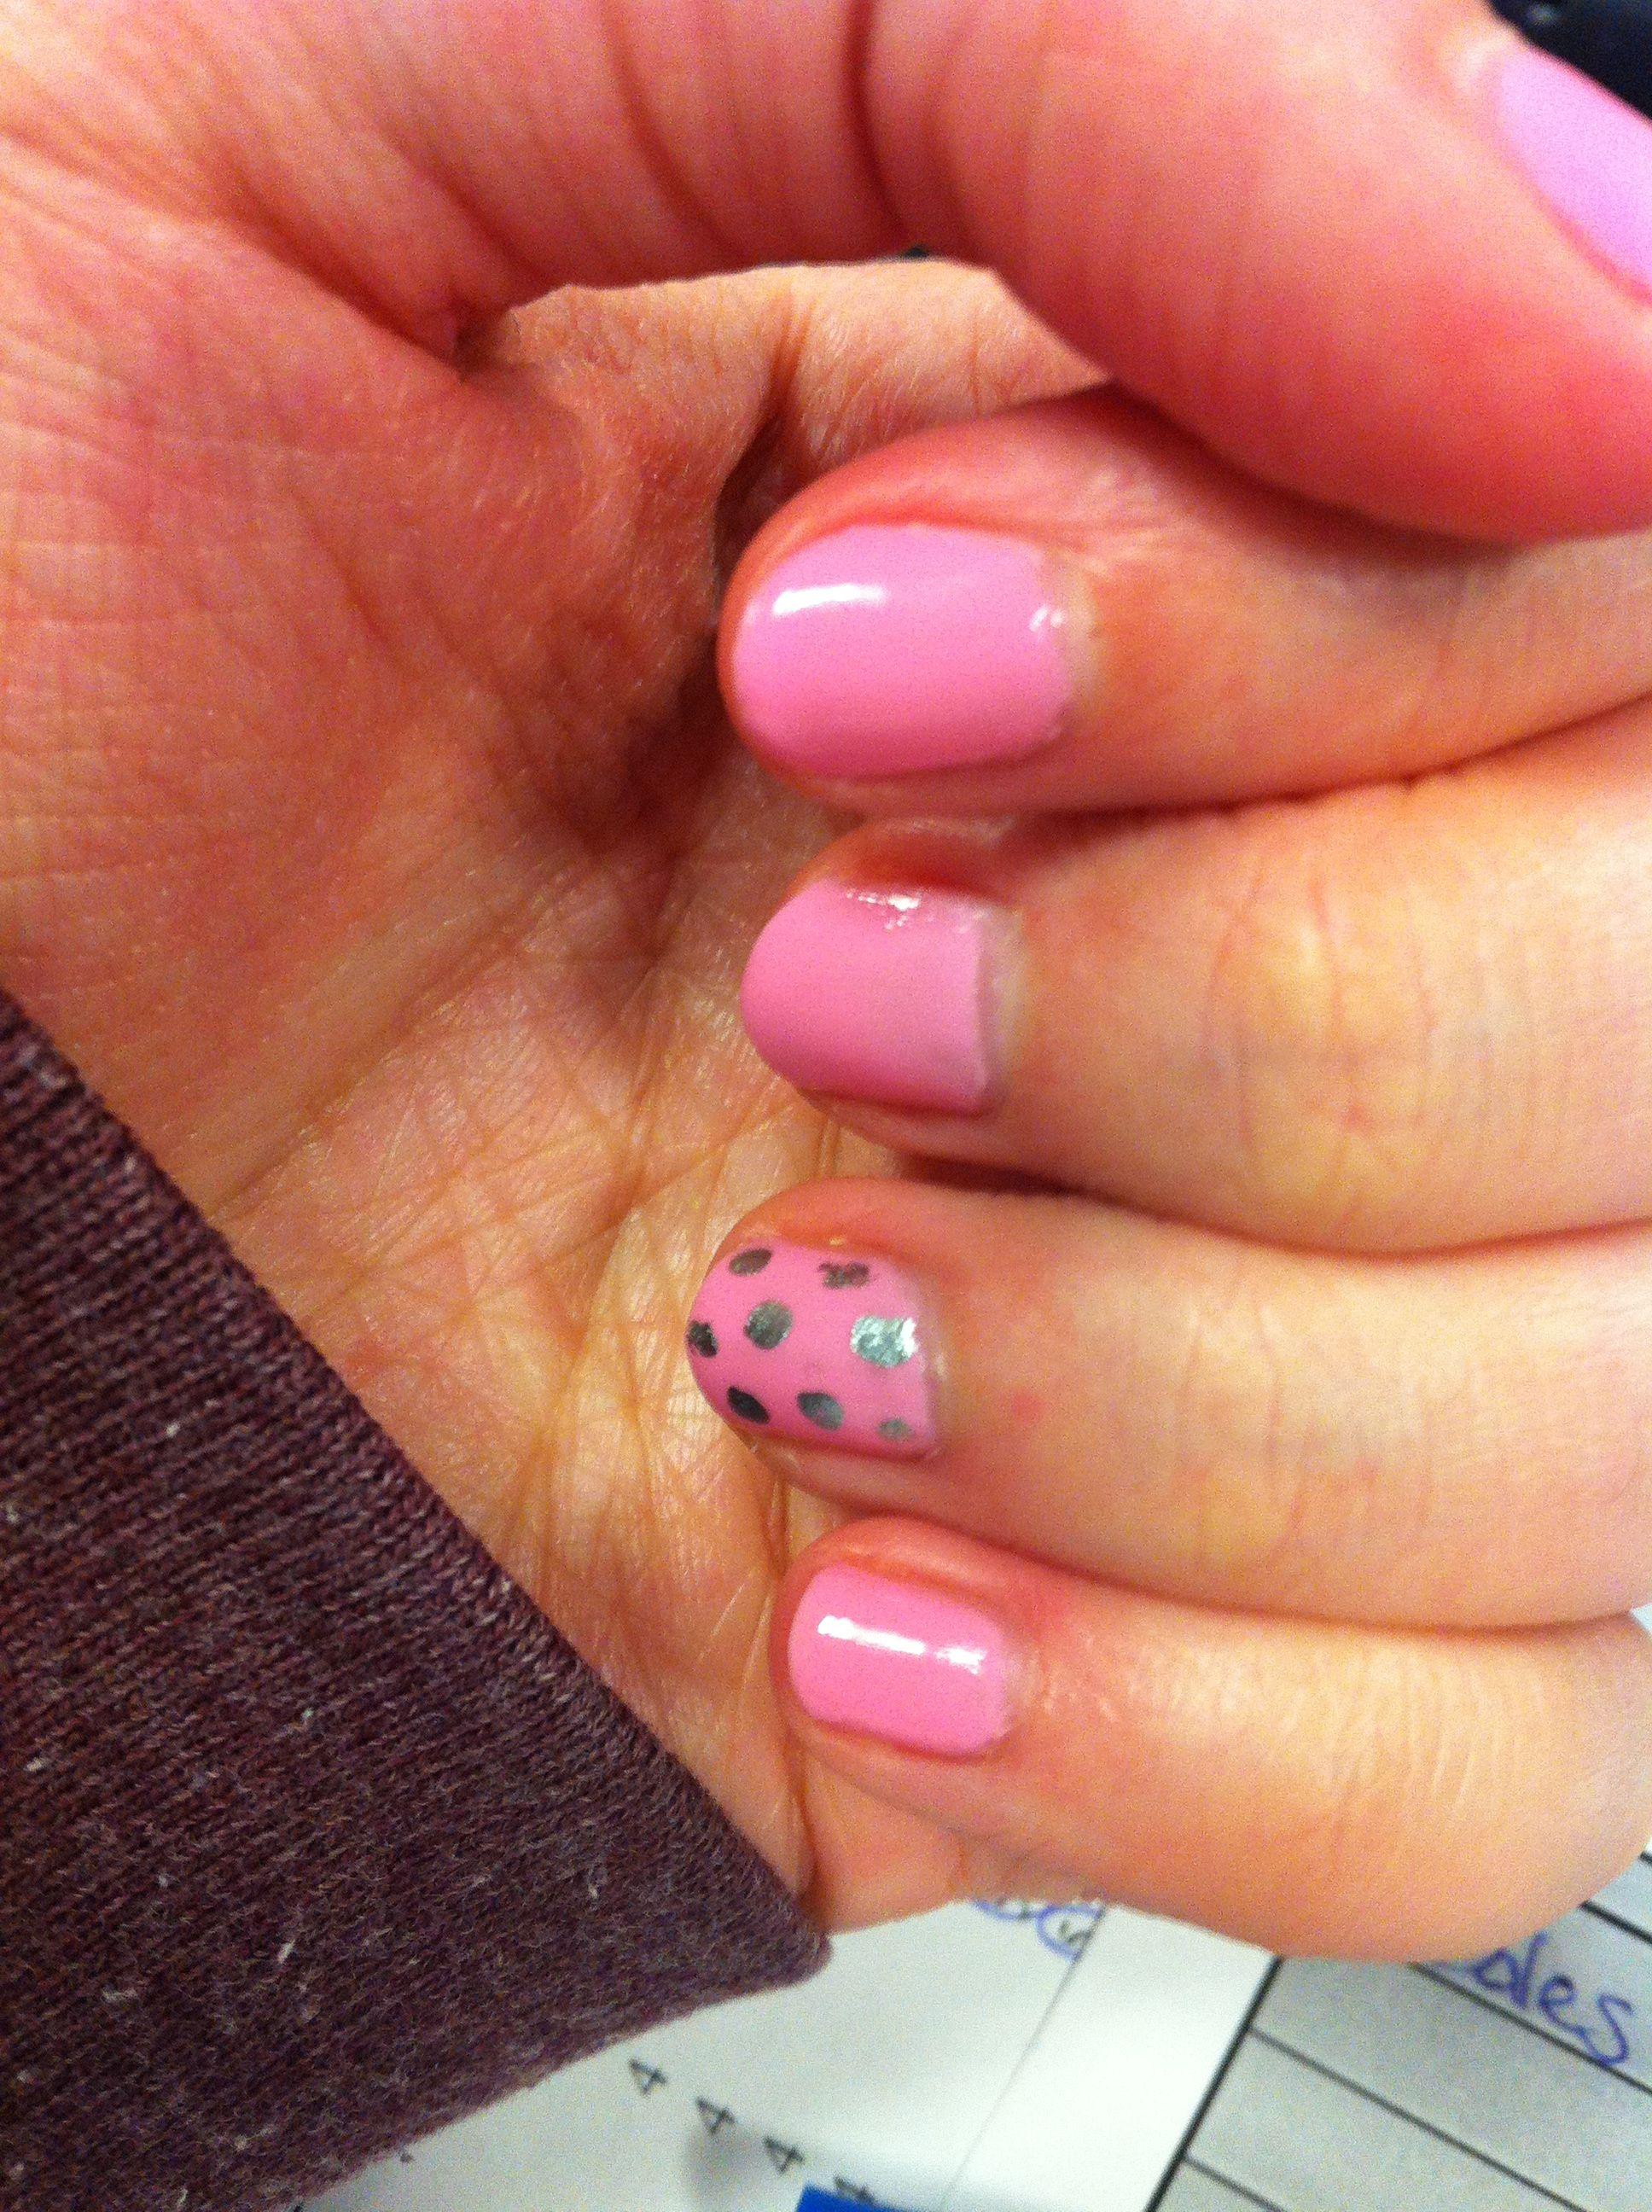 Pink & polka dot nails